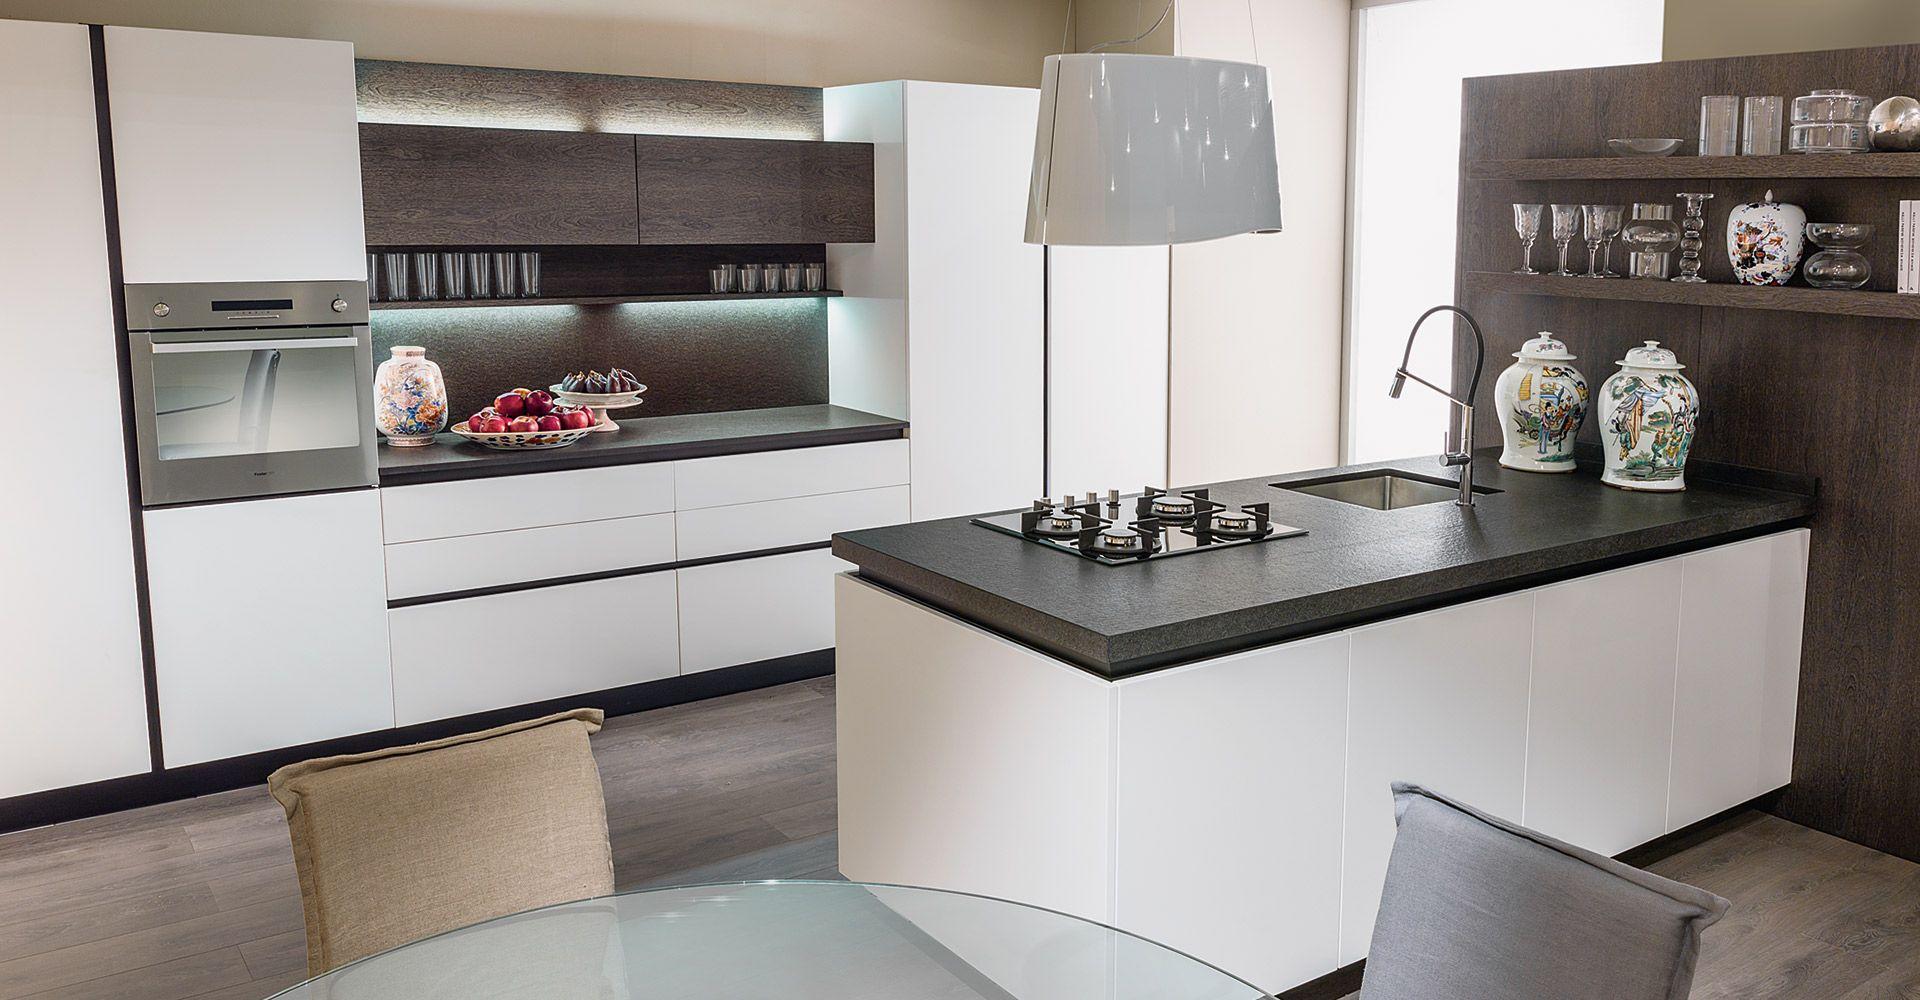 Soft bianco granito cappellini cucine kitchen pinterest - Piano cucina in granito ...